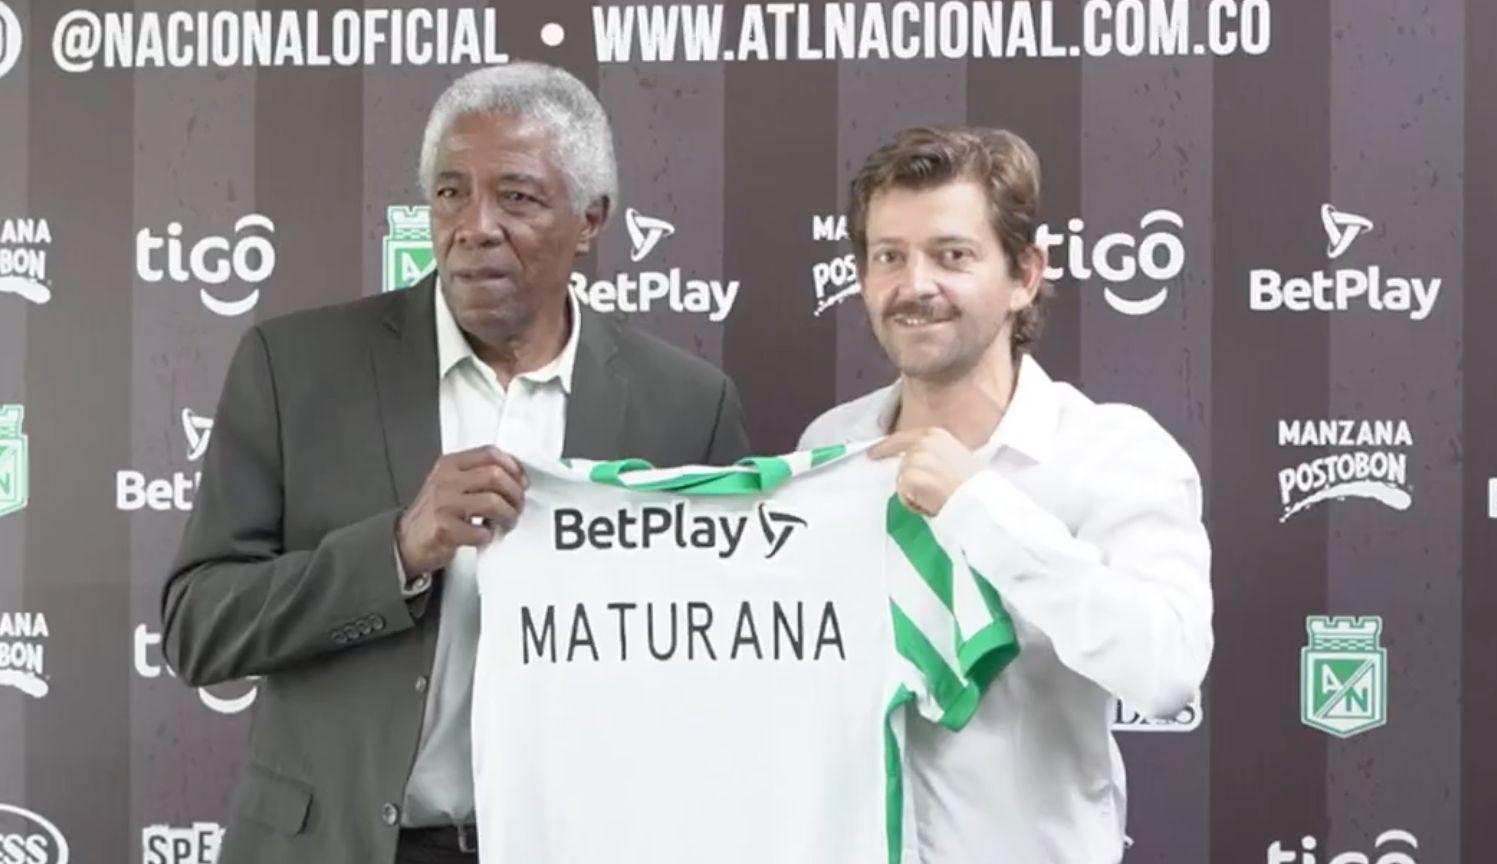 """Pacho Maturana del DIM a Nacional: """"Dios les pague por darme esta oportunidad de regresar a mi casa"""""""